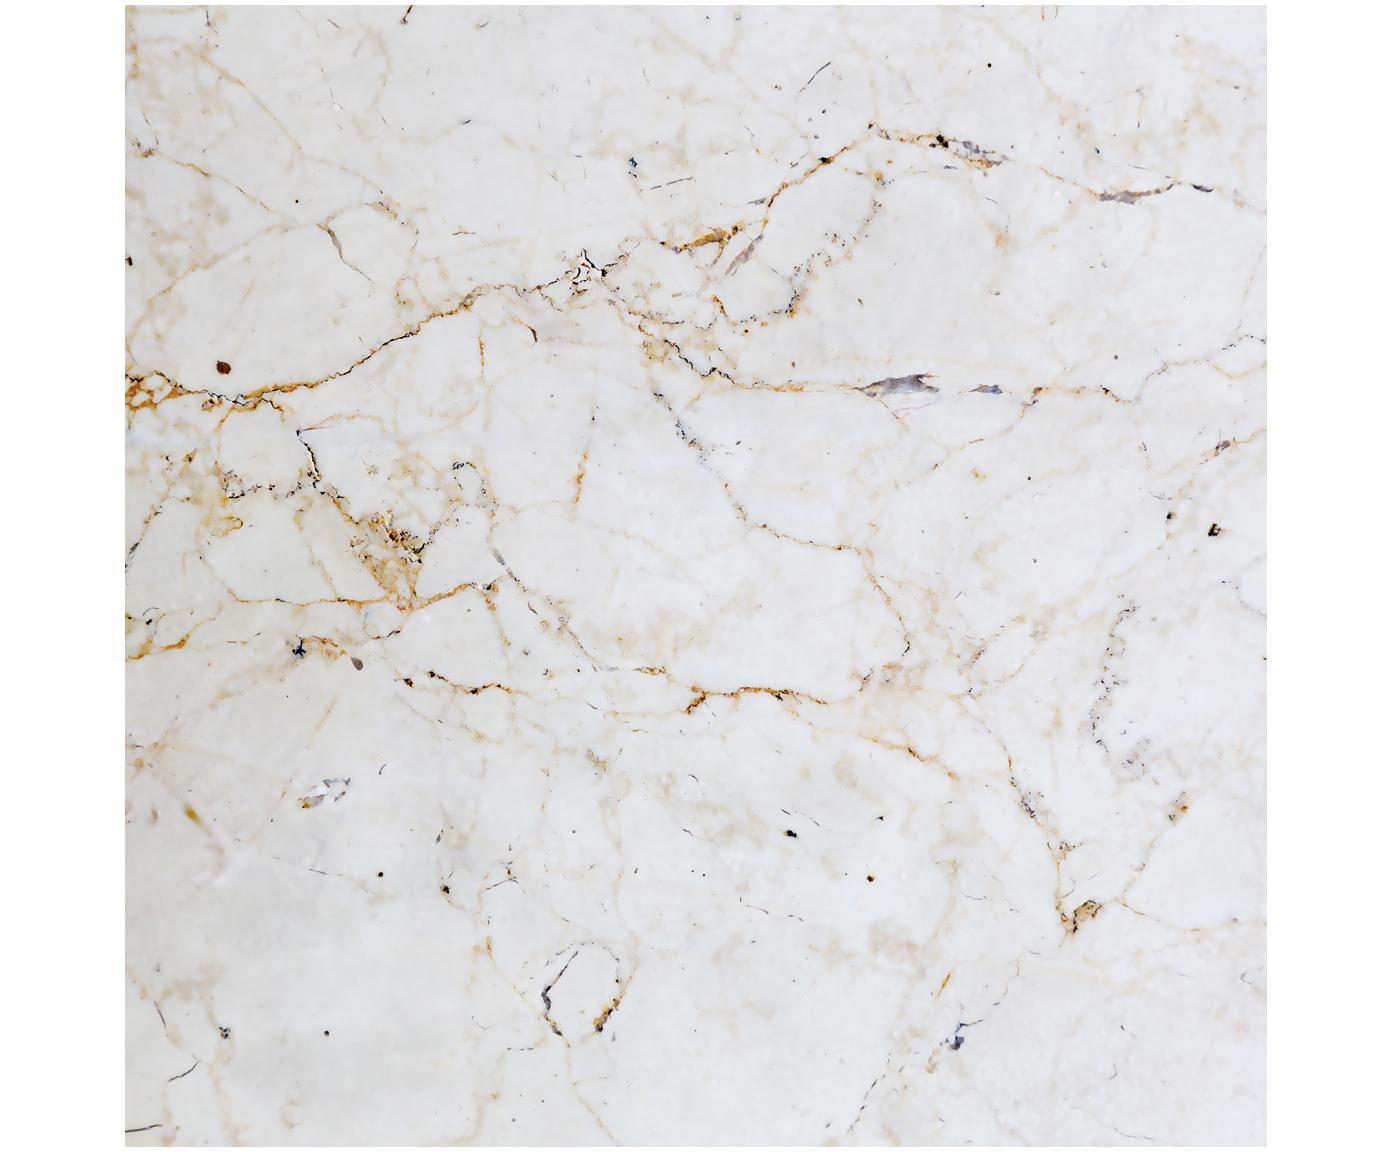 Carta da parati  Milano, Vello, Bianco, marmorizzato, nero, dorato, Larg. 300 x Alt. 300 cm